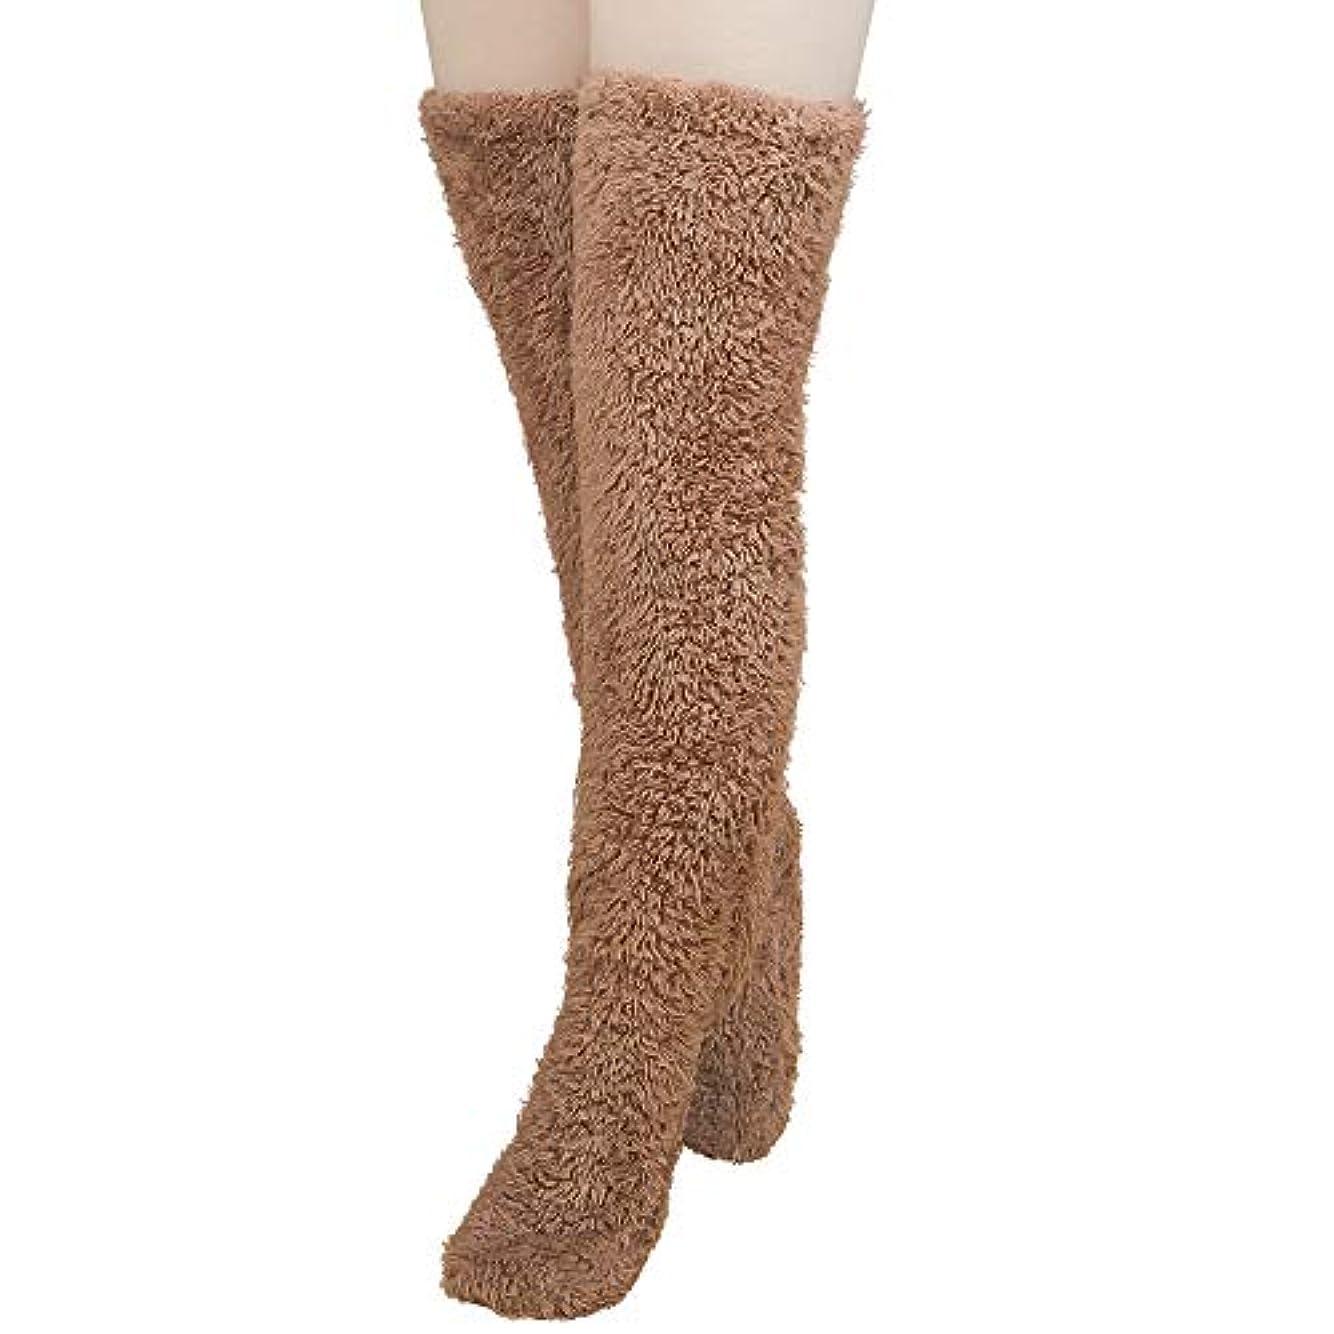 理解文法効果Miuko 足が出せるロングカバー 極暖 レッグウォーマー ふわふわ靴下 ロングソックス 冷えとり靴下 毛布ソックス 冷え対策 防寒ソックス あったか 超厚手 男女兼用